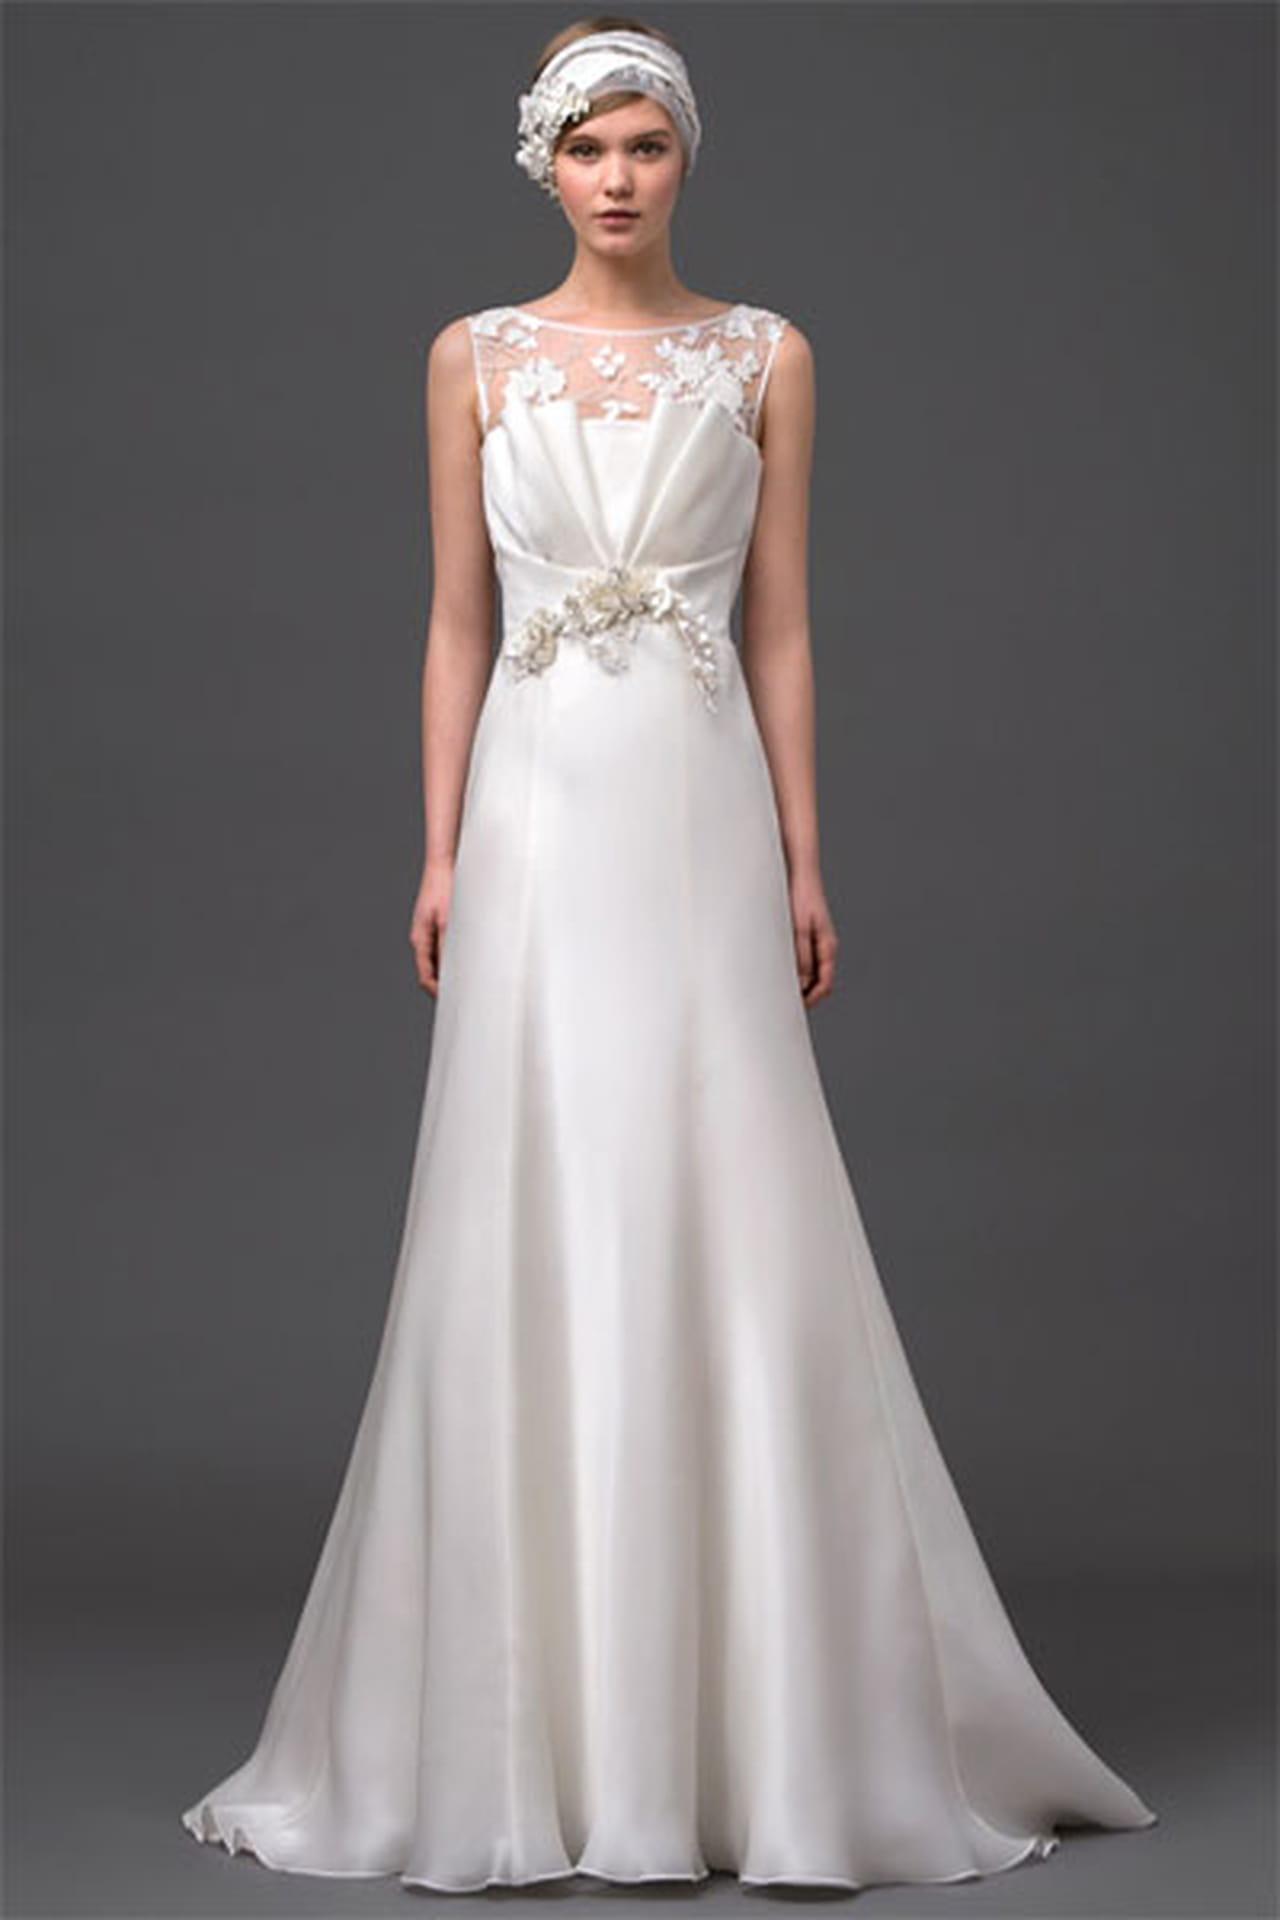 فساتين زفاف البرتا فيريتي 819881